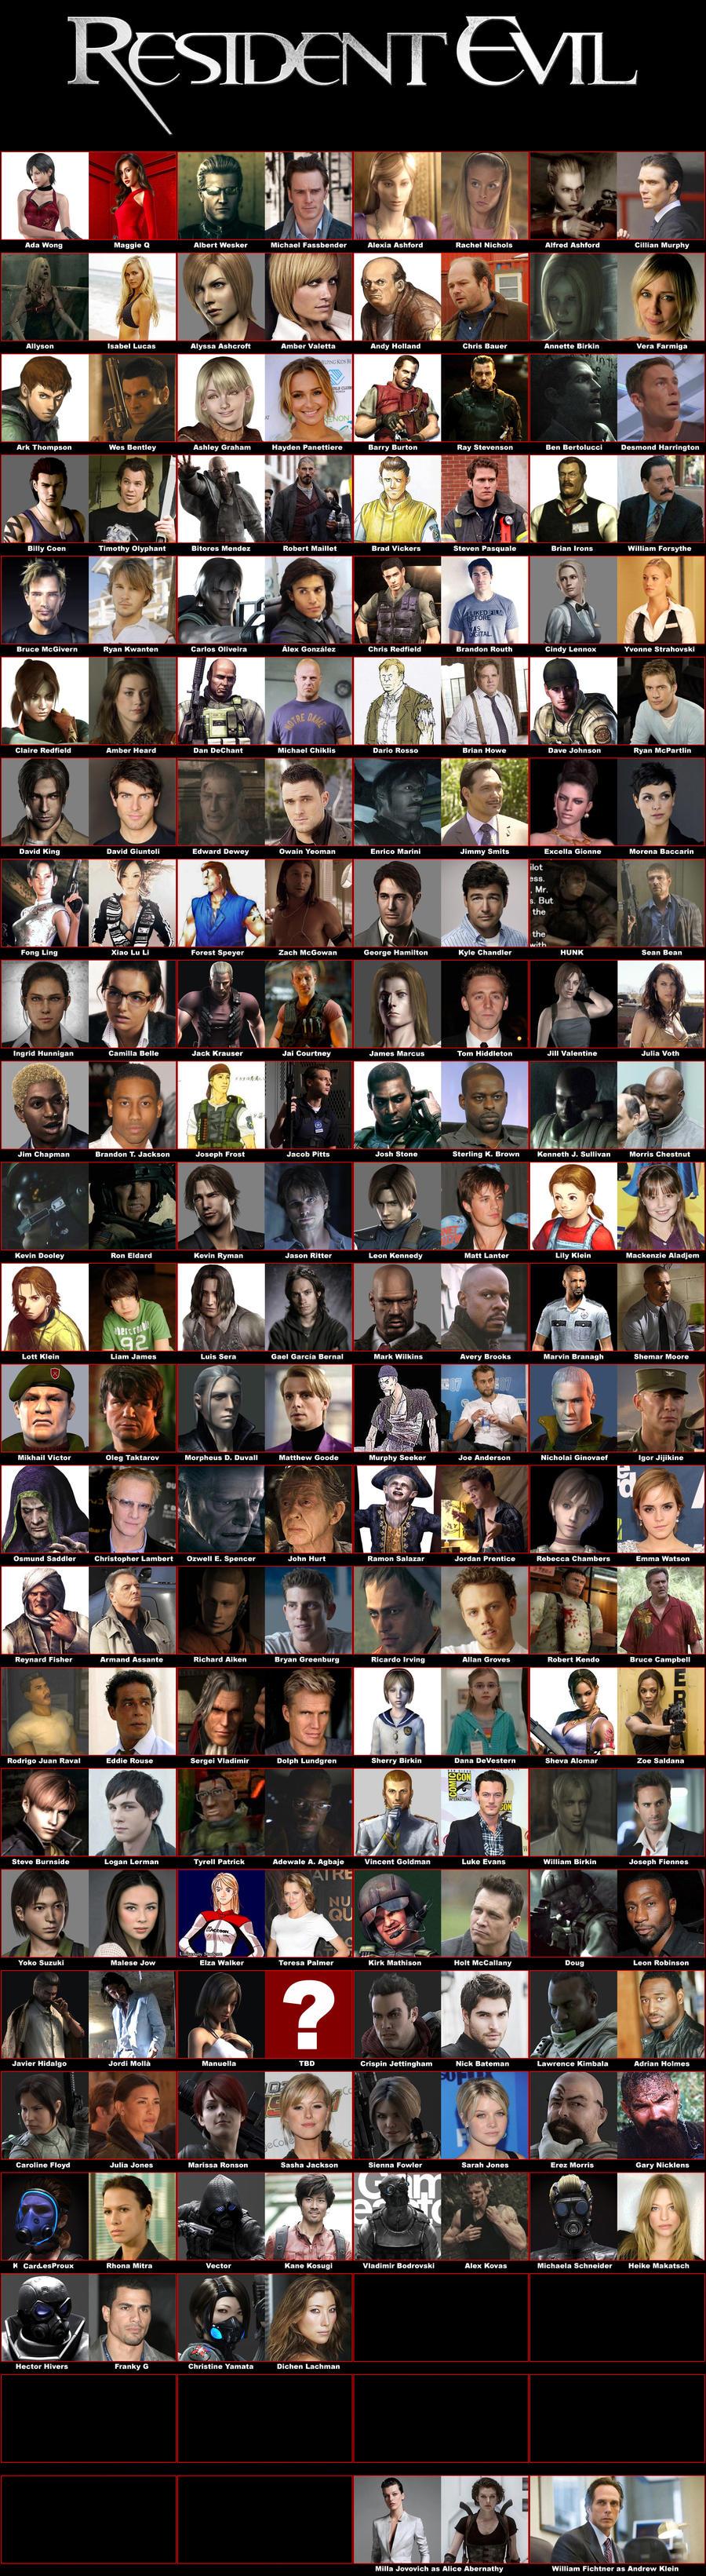 Resident Evil cast